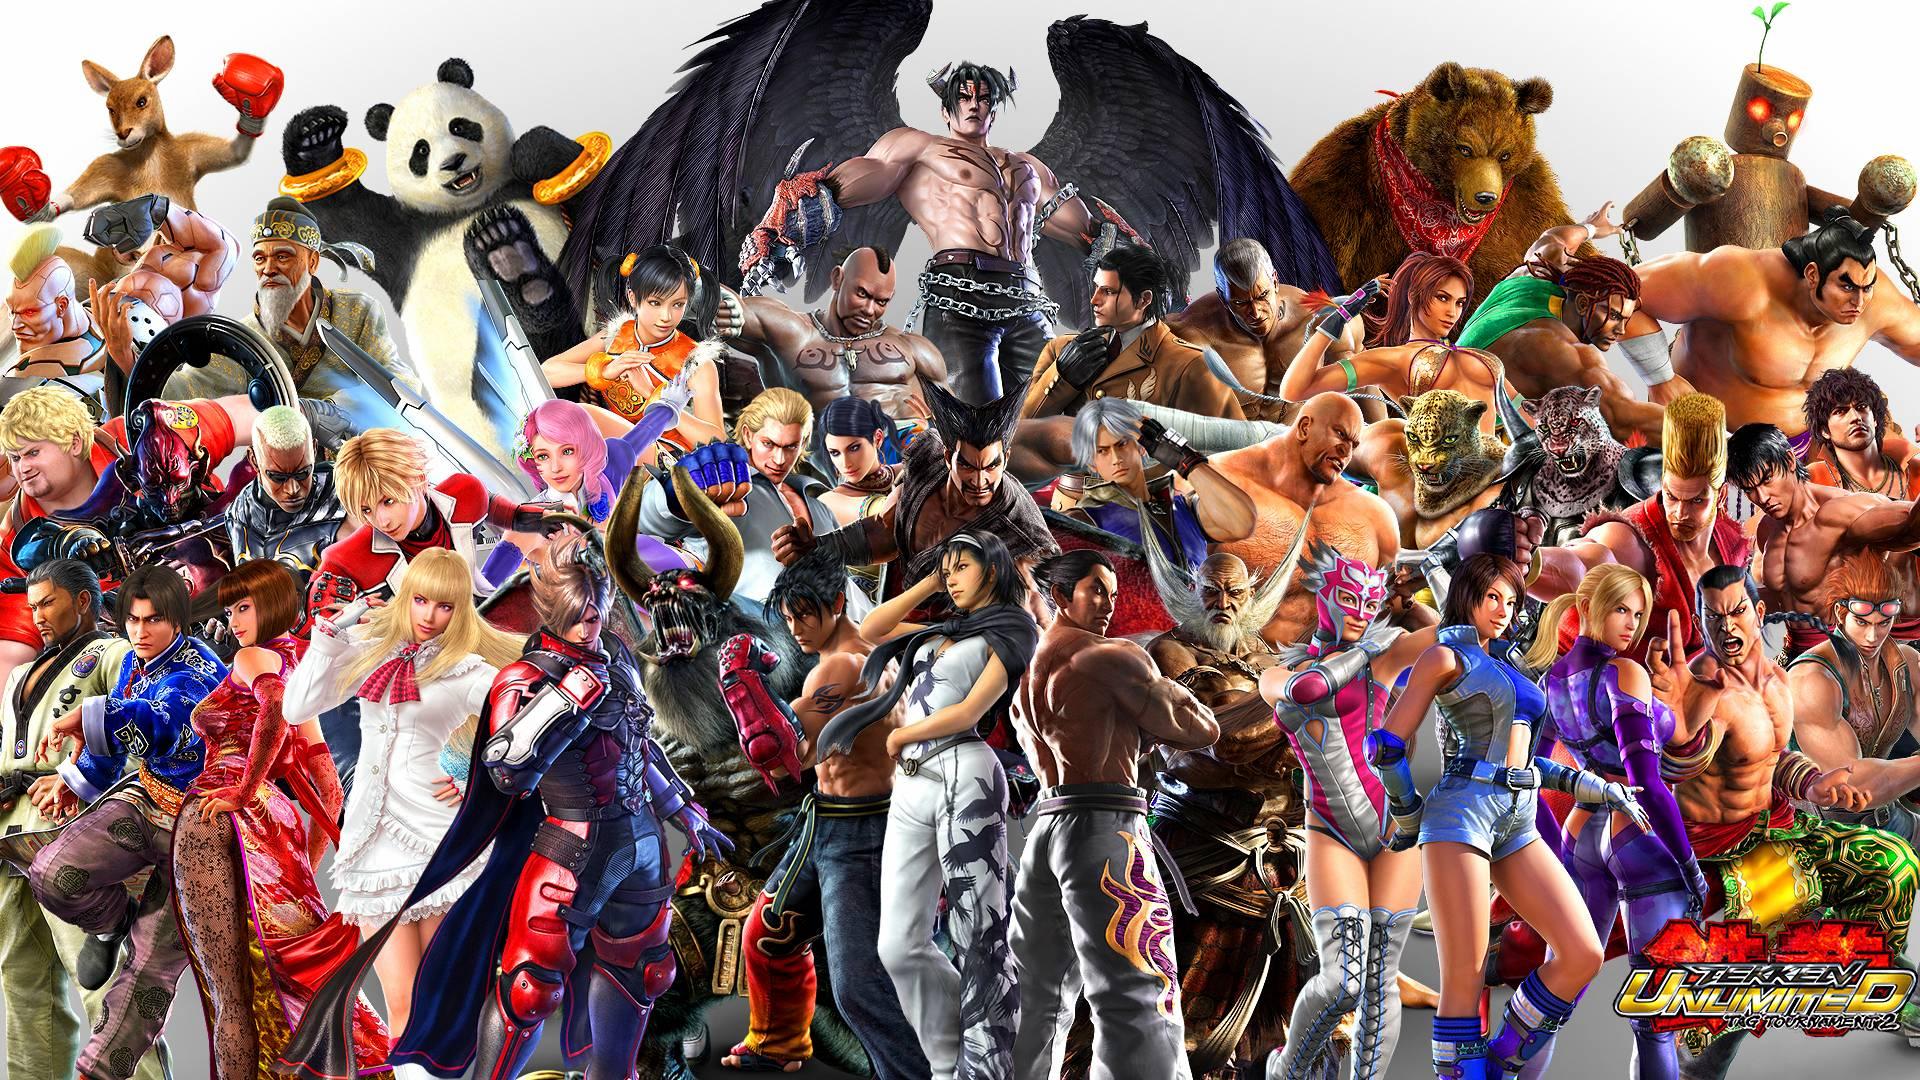 Resultado de imagen de tekken characters